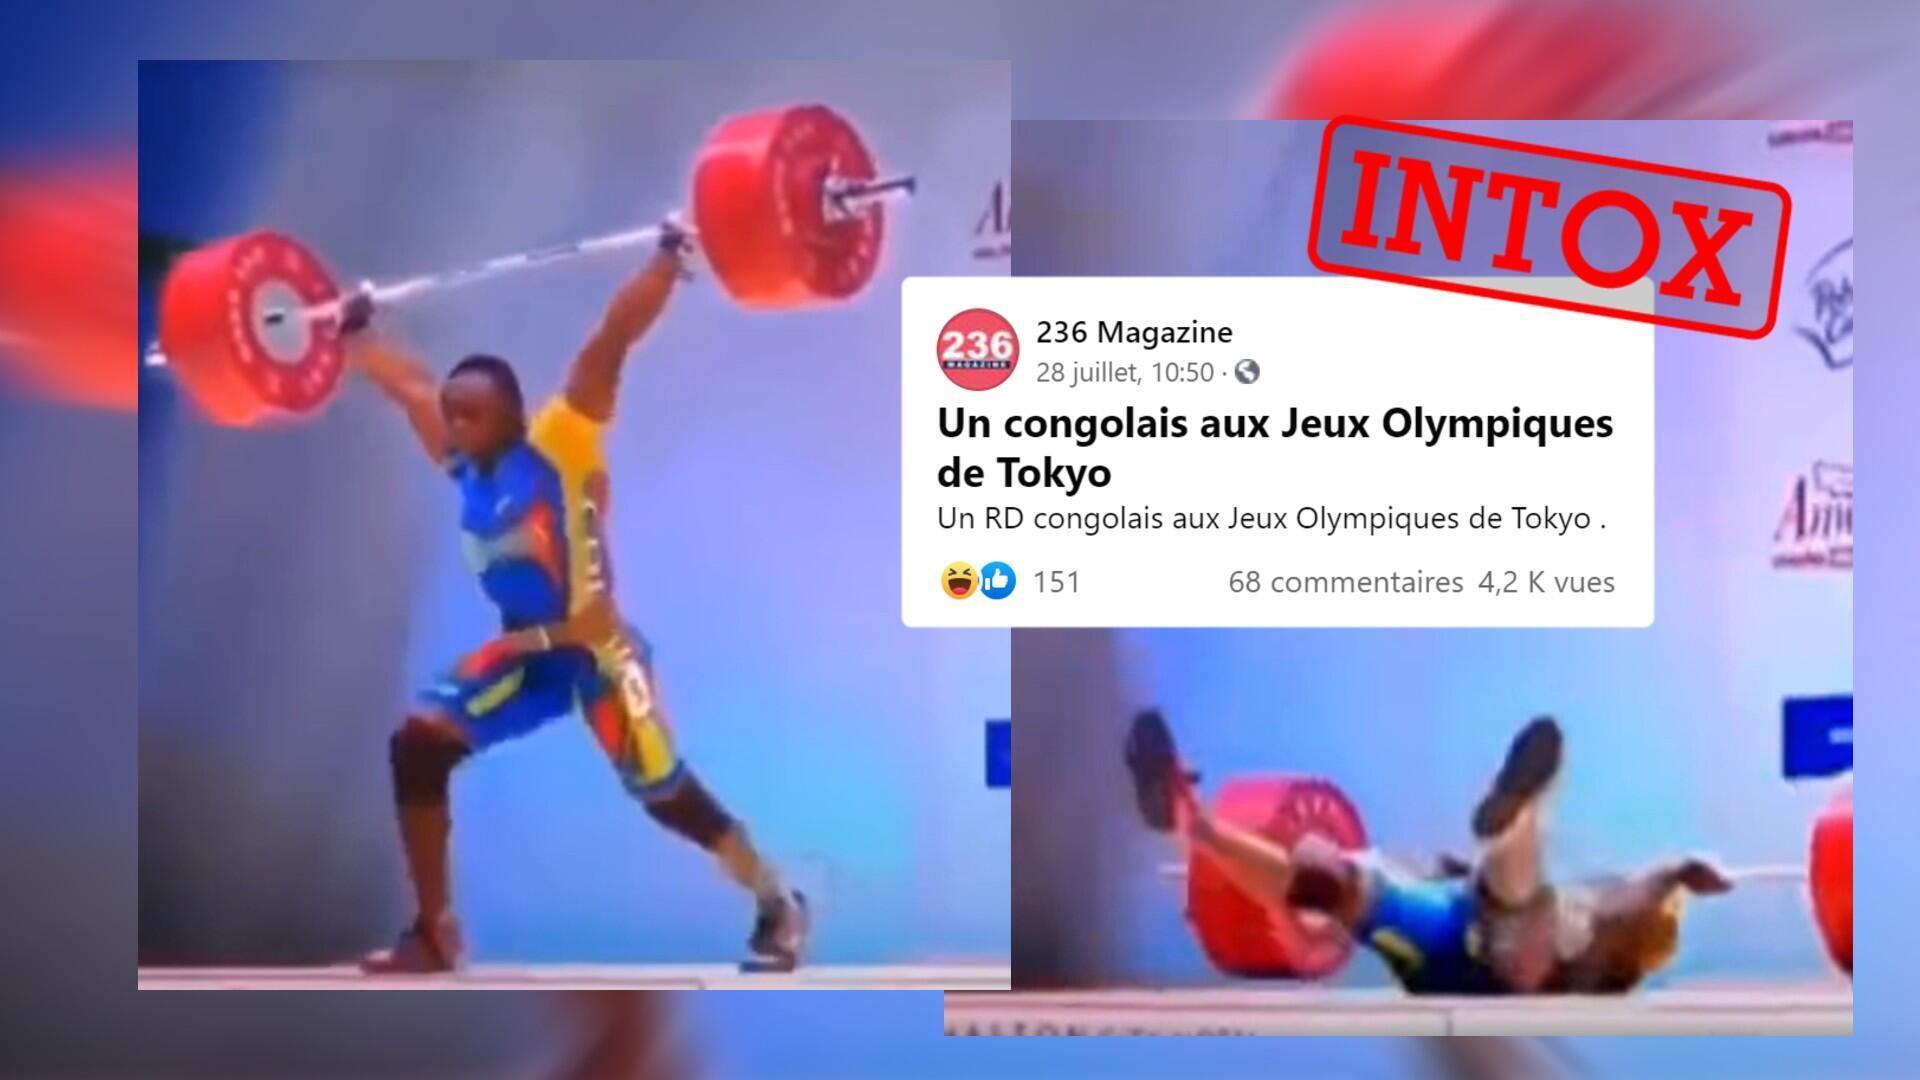 intox-rdc-halterophile-jeux-olympiques